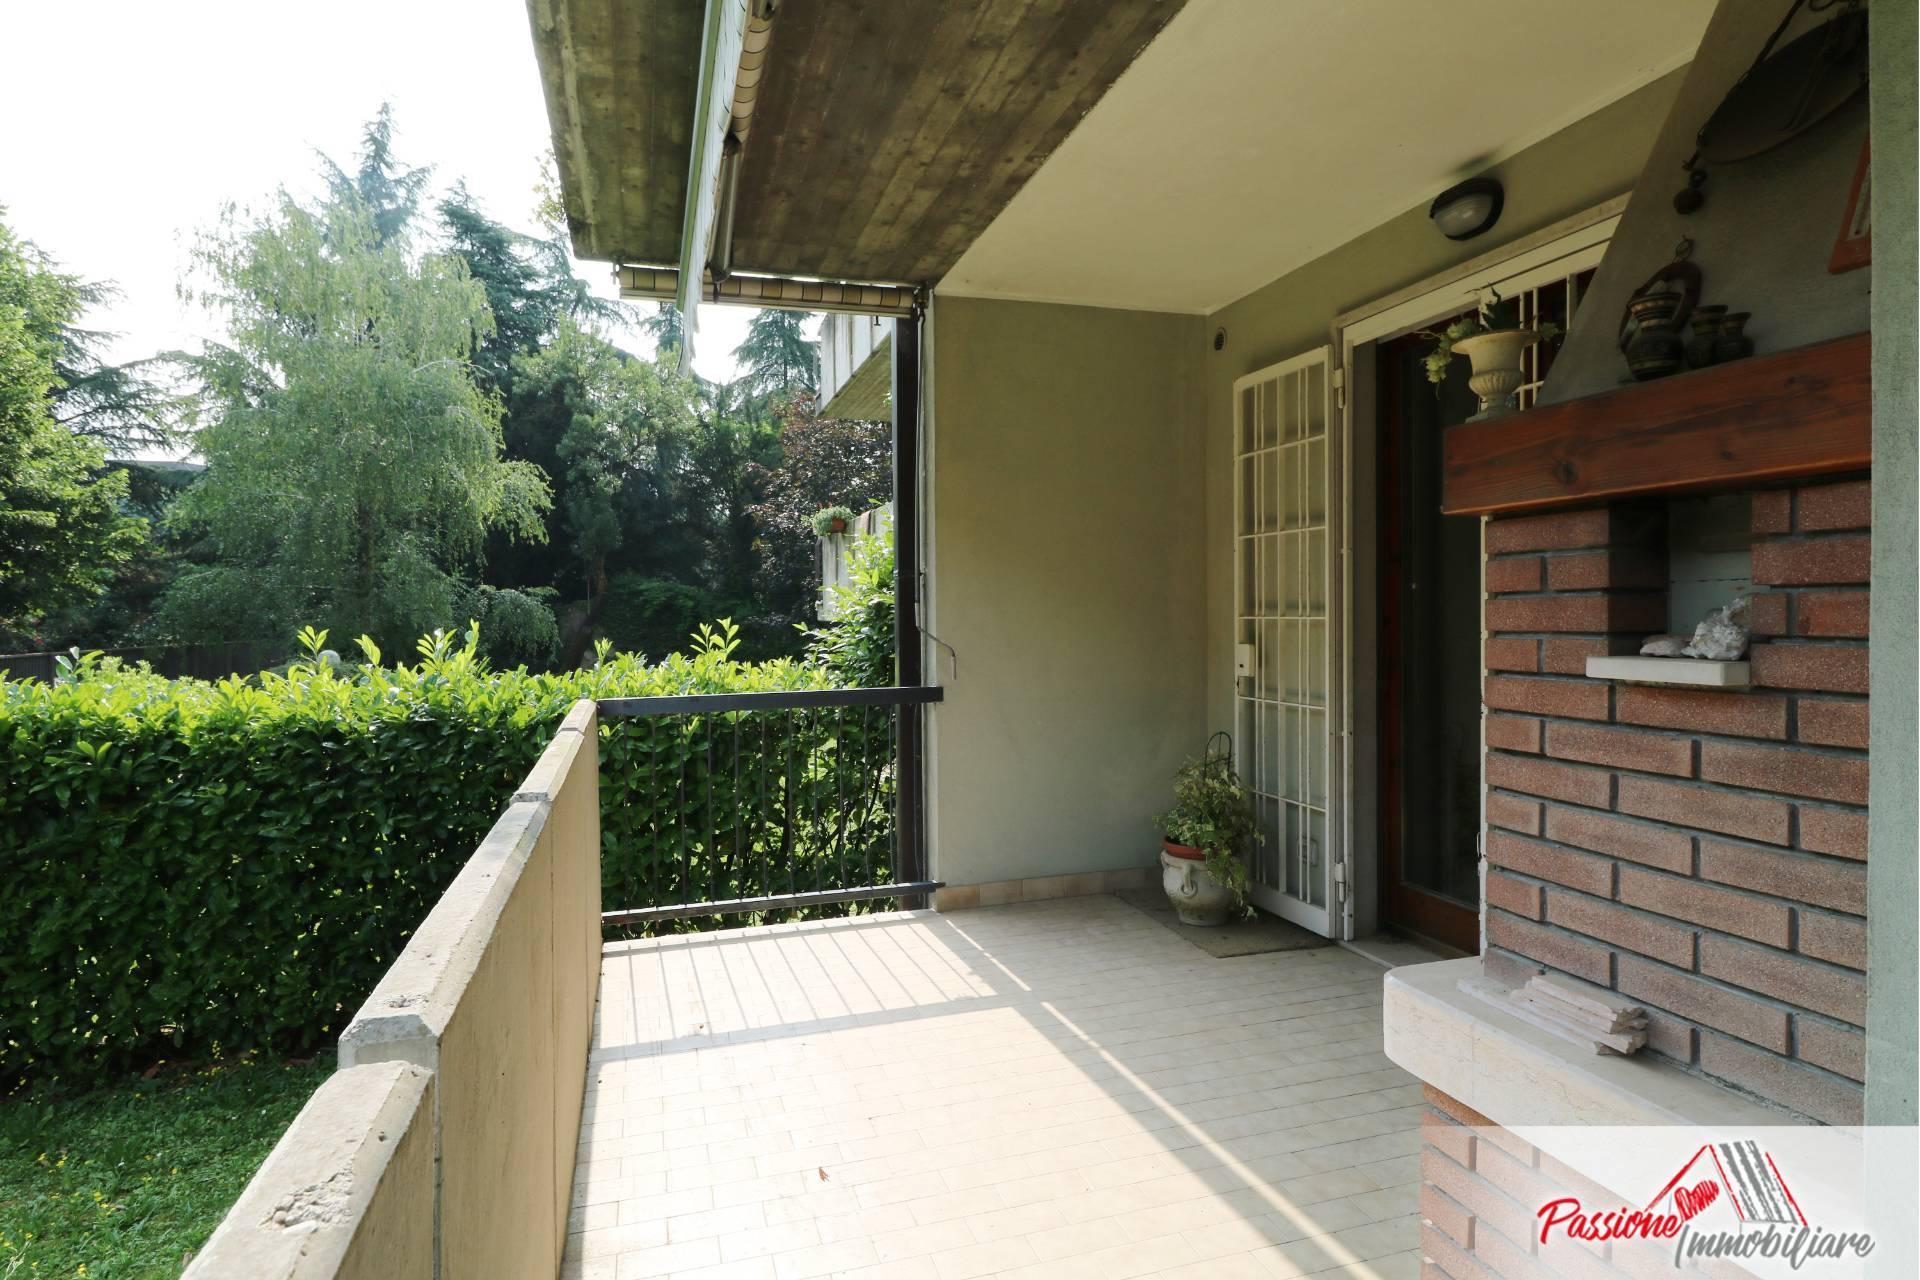 Appartamento in vendita a Verona, 5 locali, zona Località: PonteCrencano, prezzo € 375.000   PortaleAgenzieImmobiliari.it